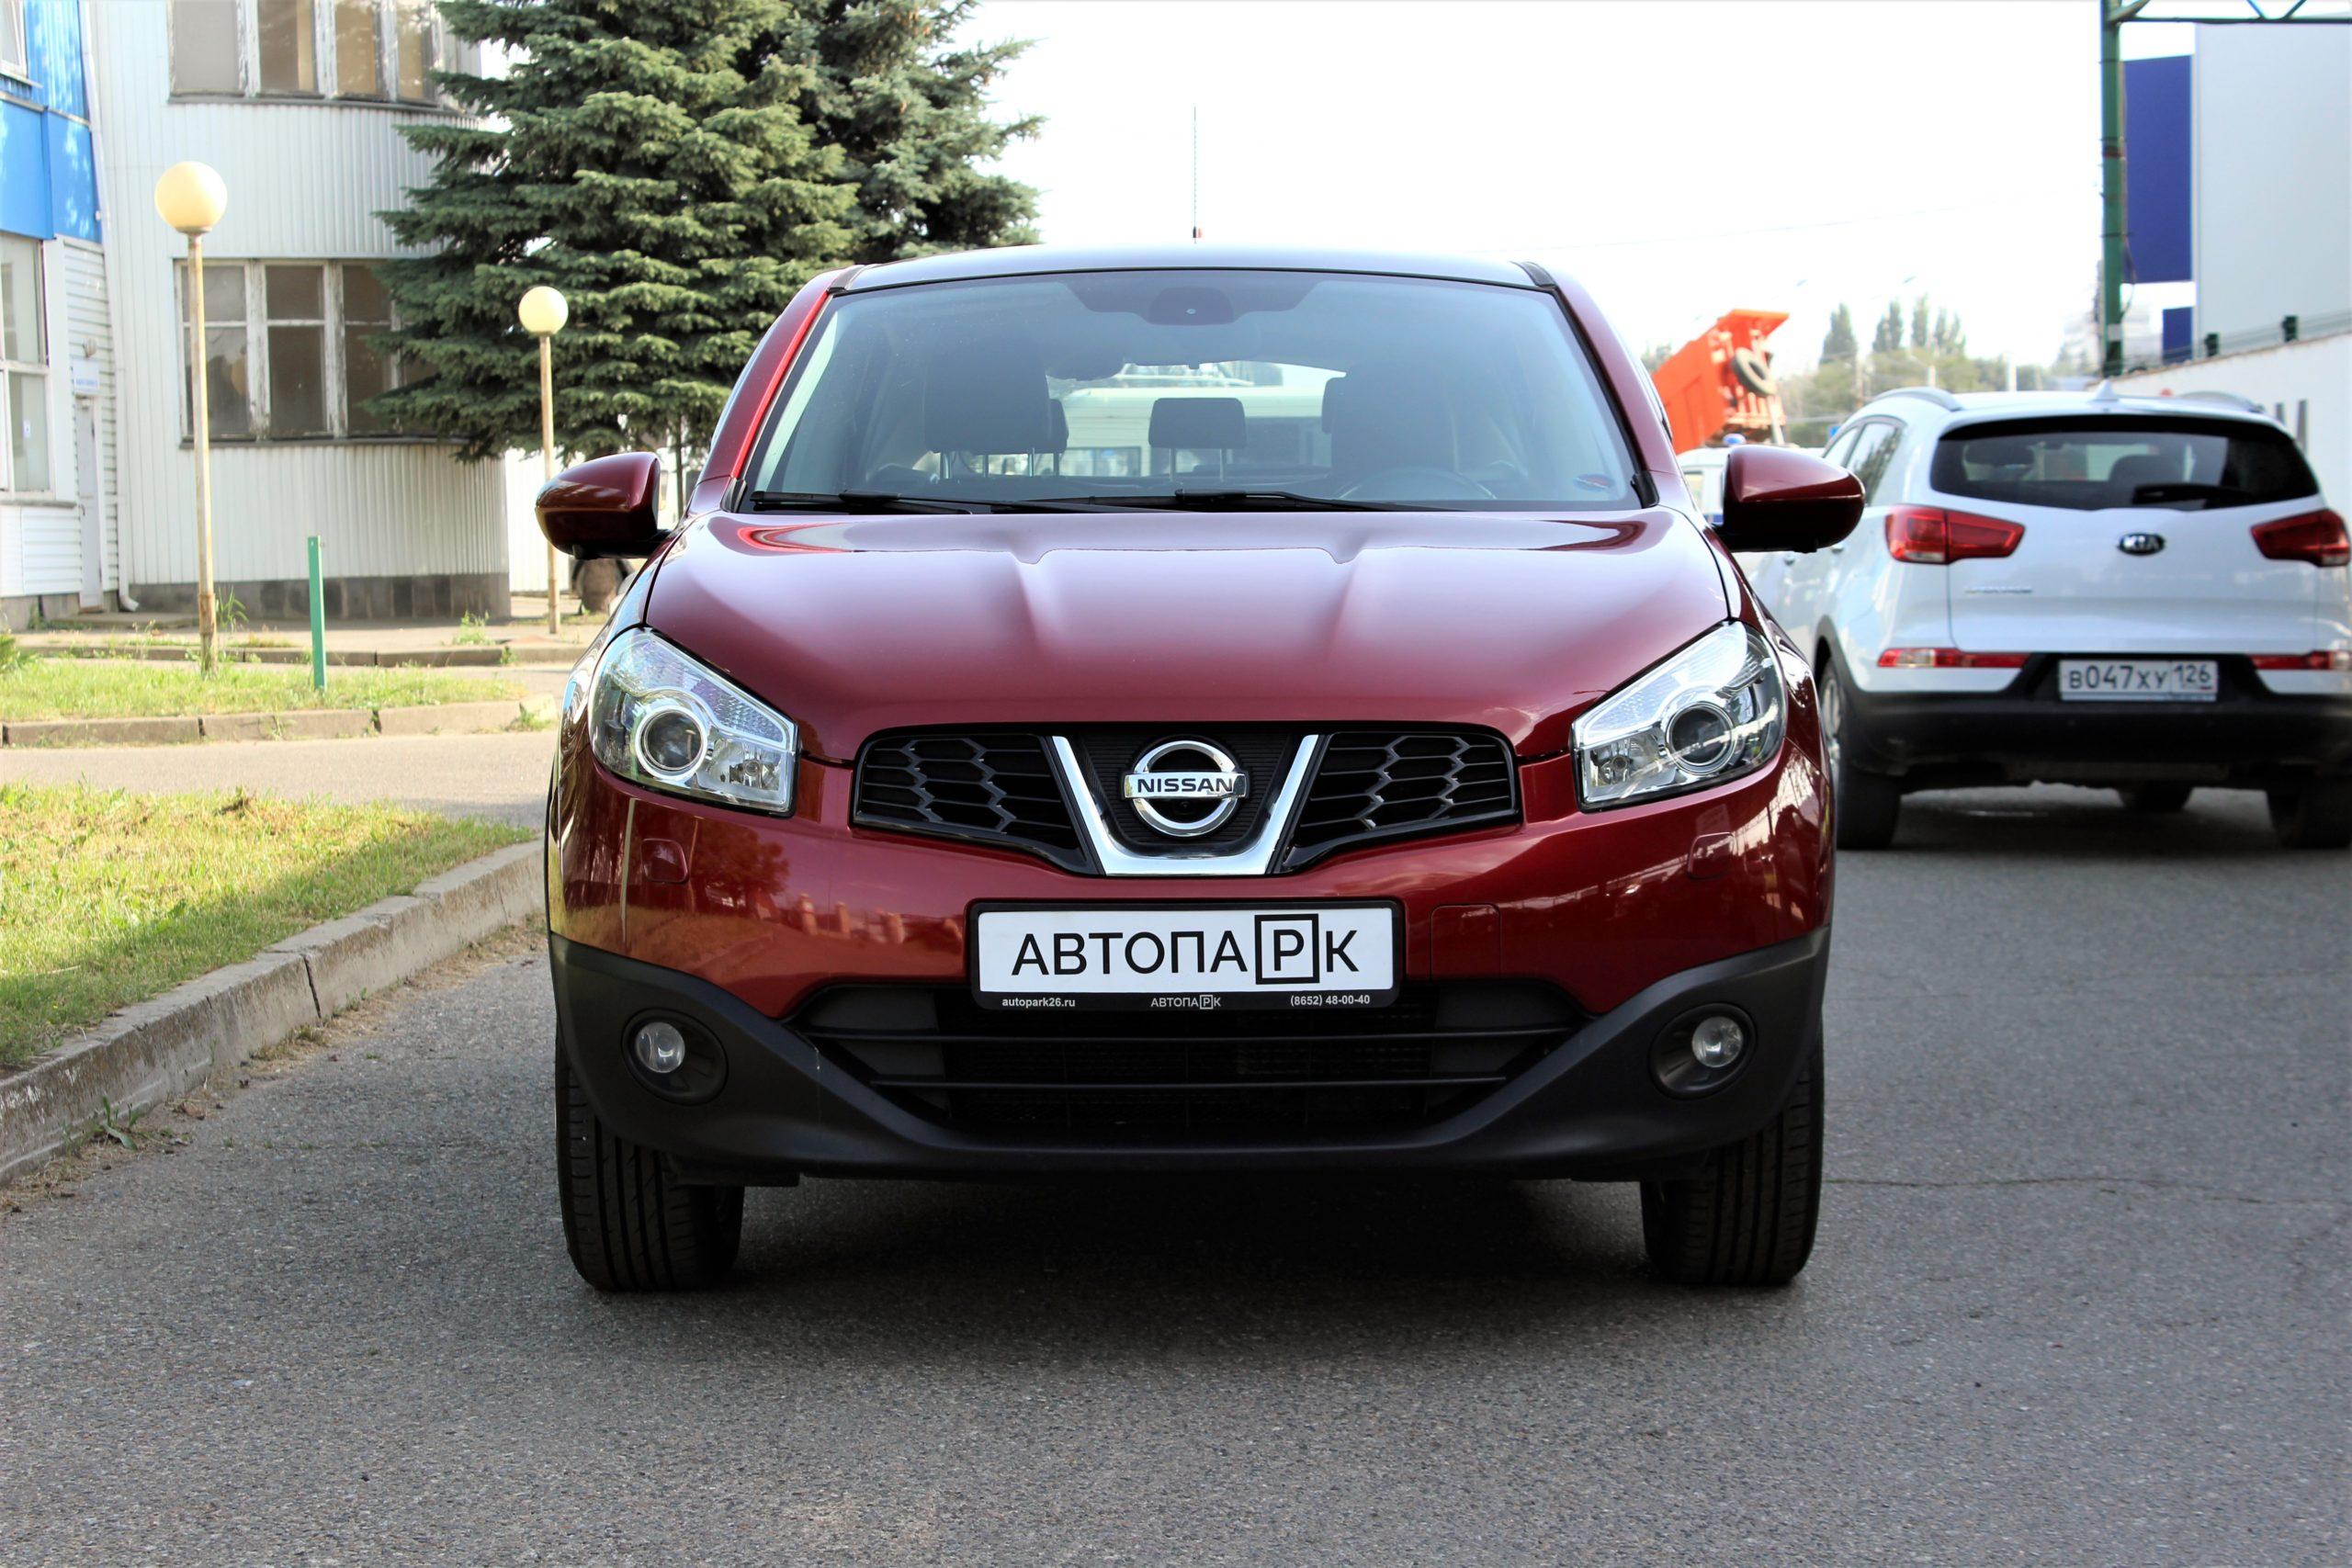 Купить Nissan Qashqai (Красный) - Автопарк Ставрополь